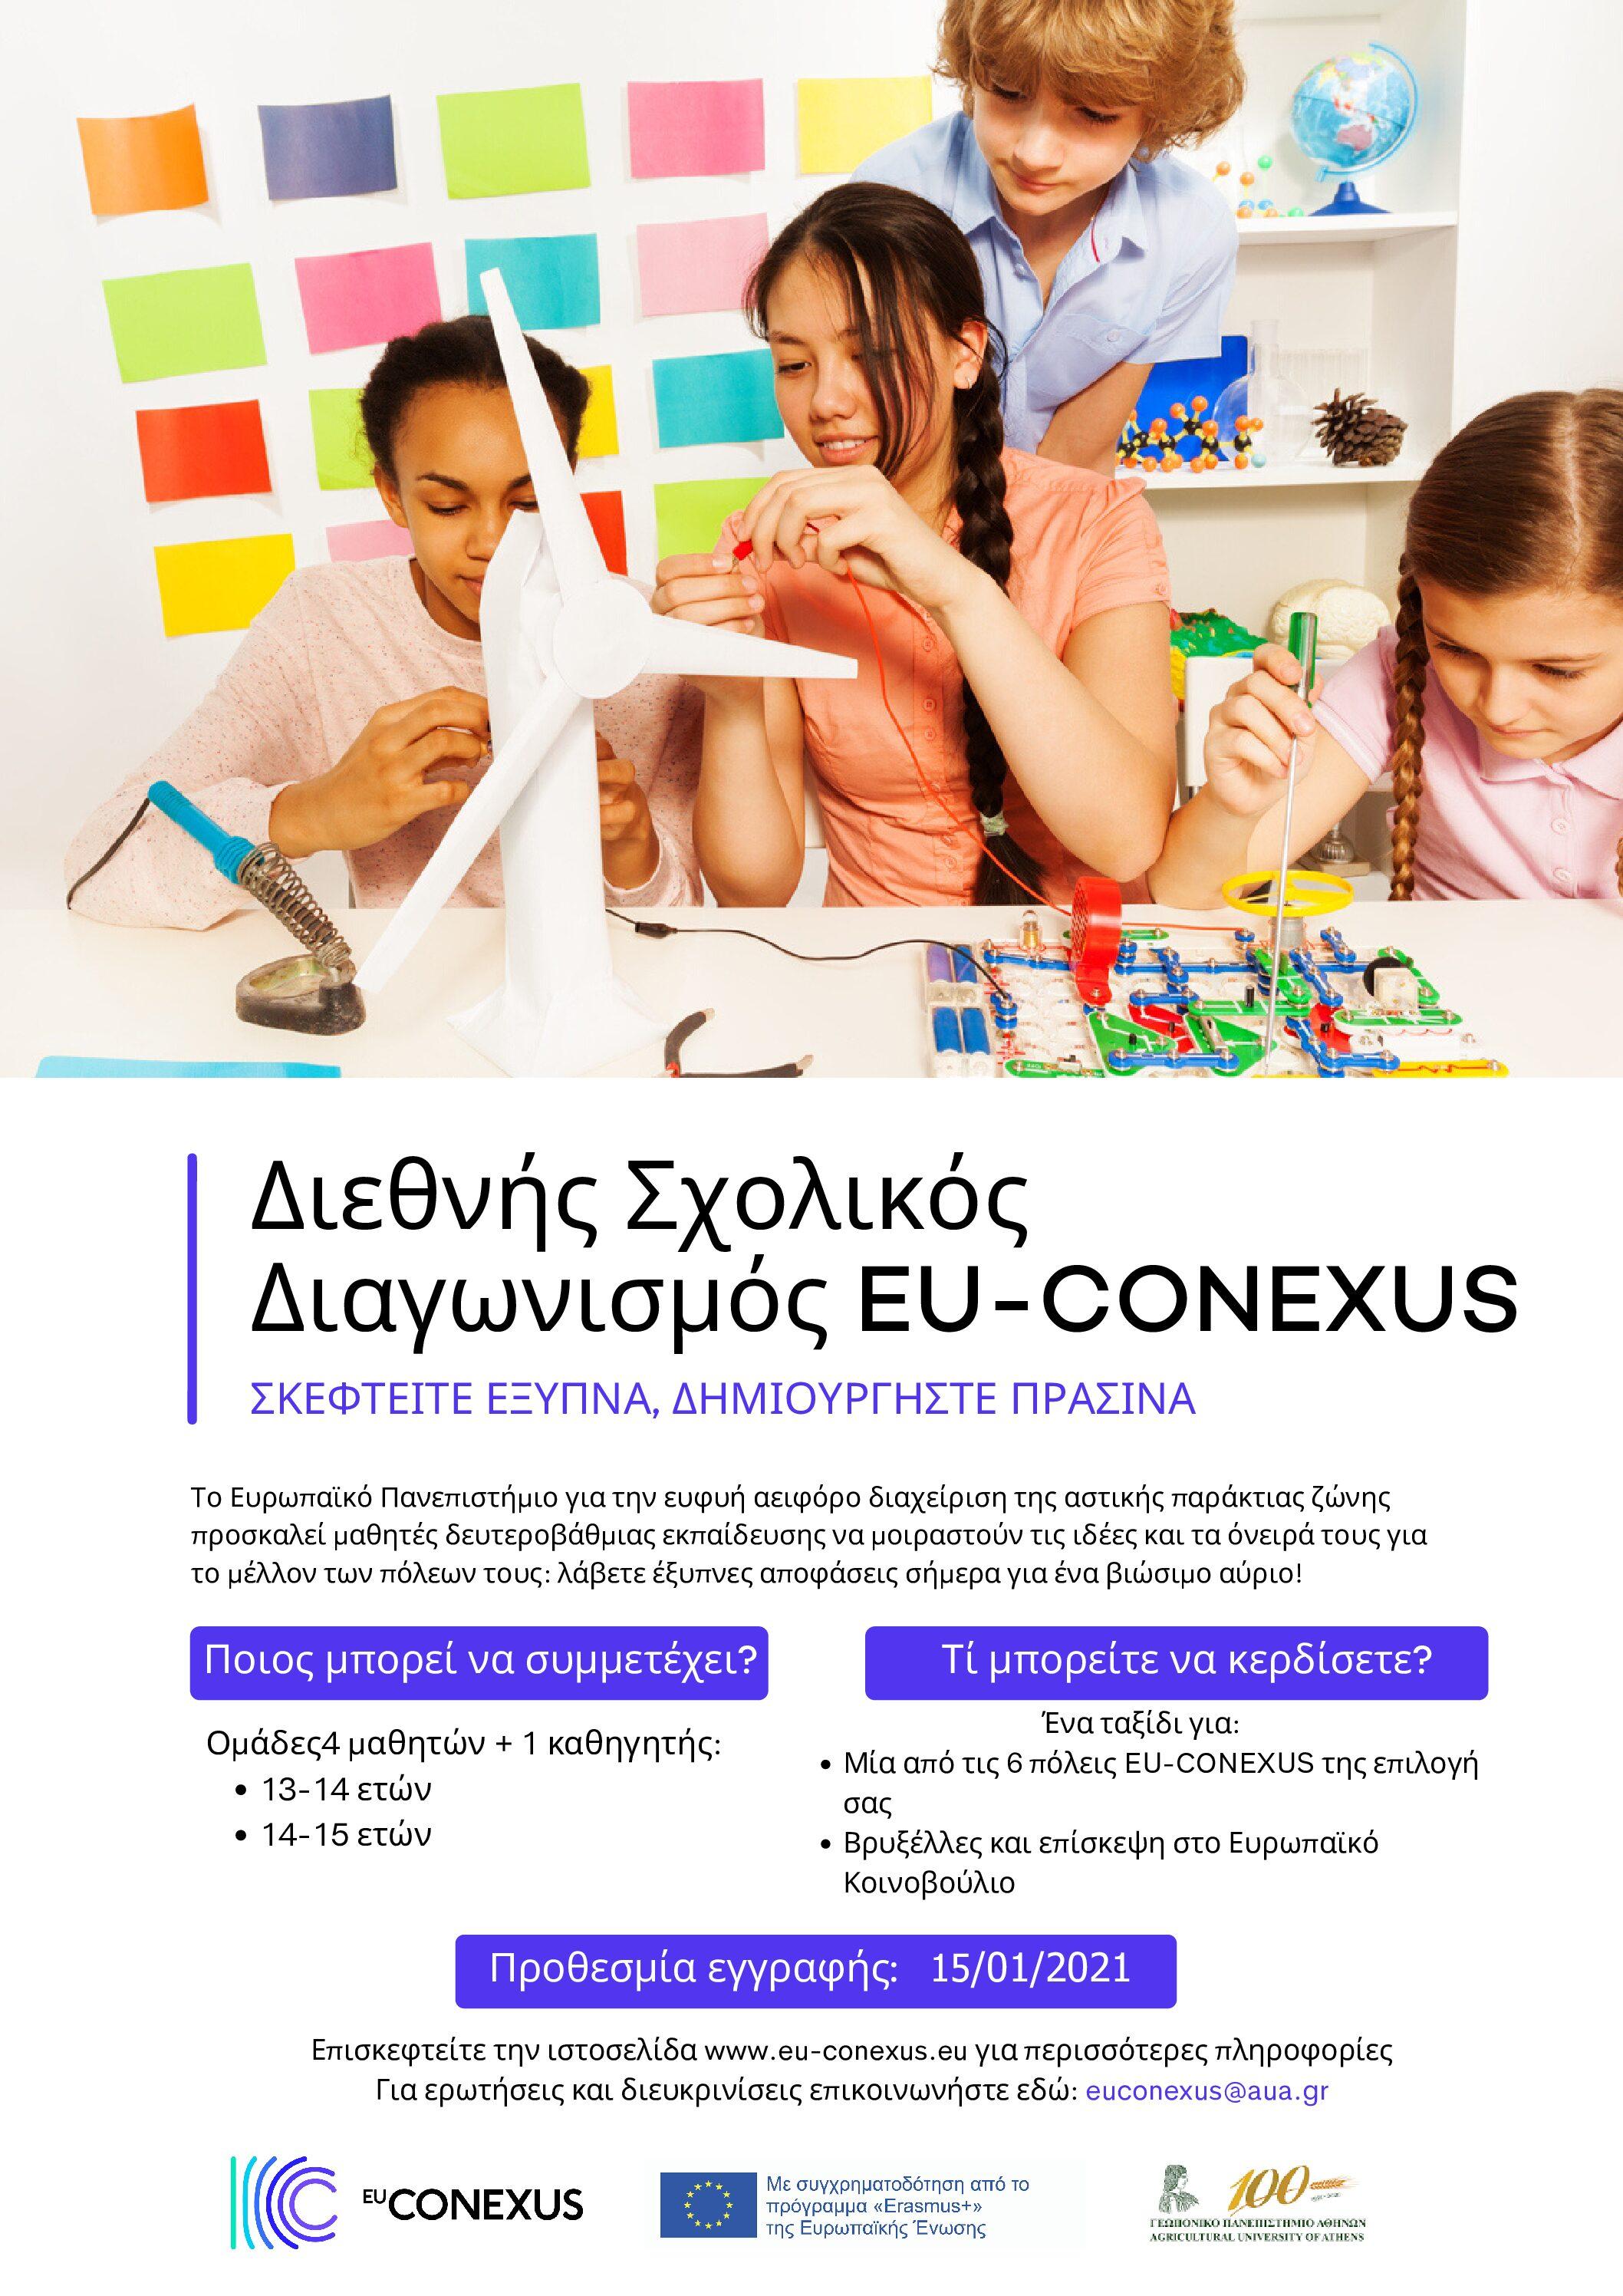 Μαθητικός Διαγωνισμός στα Γυμνάσια Αττικής από το Γεωπονικό Πανεπιστήμιο